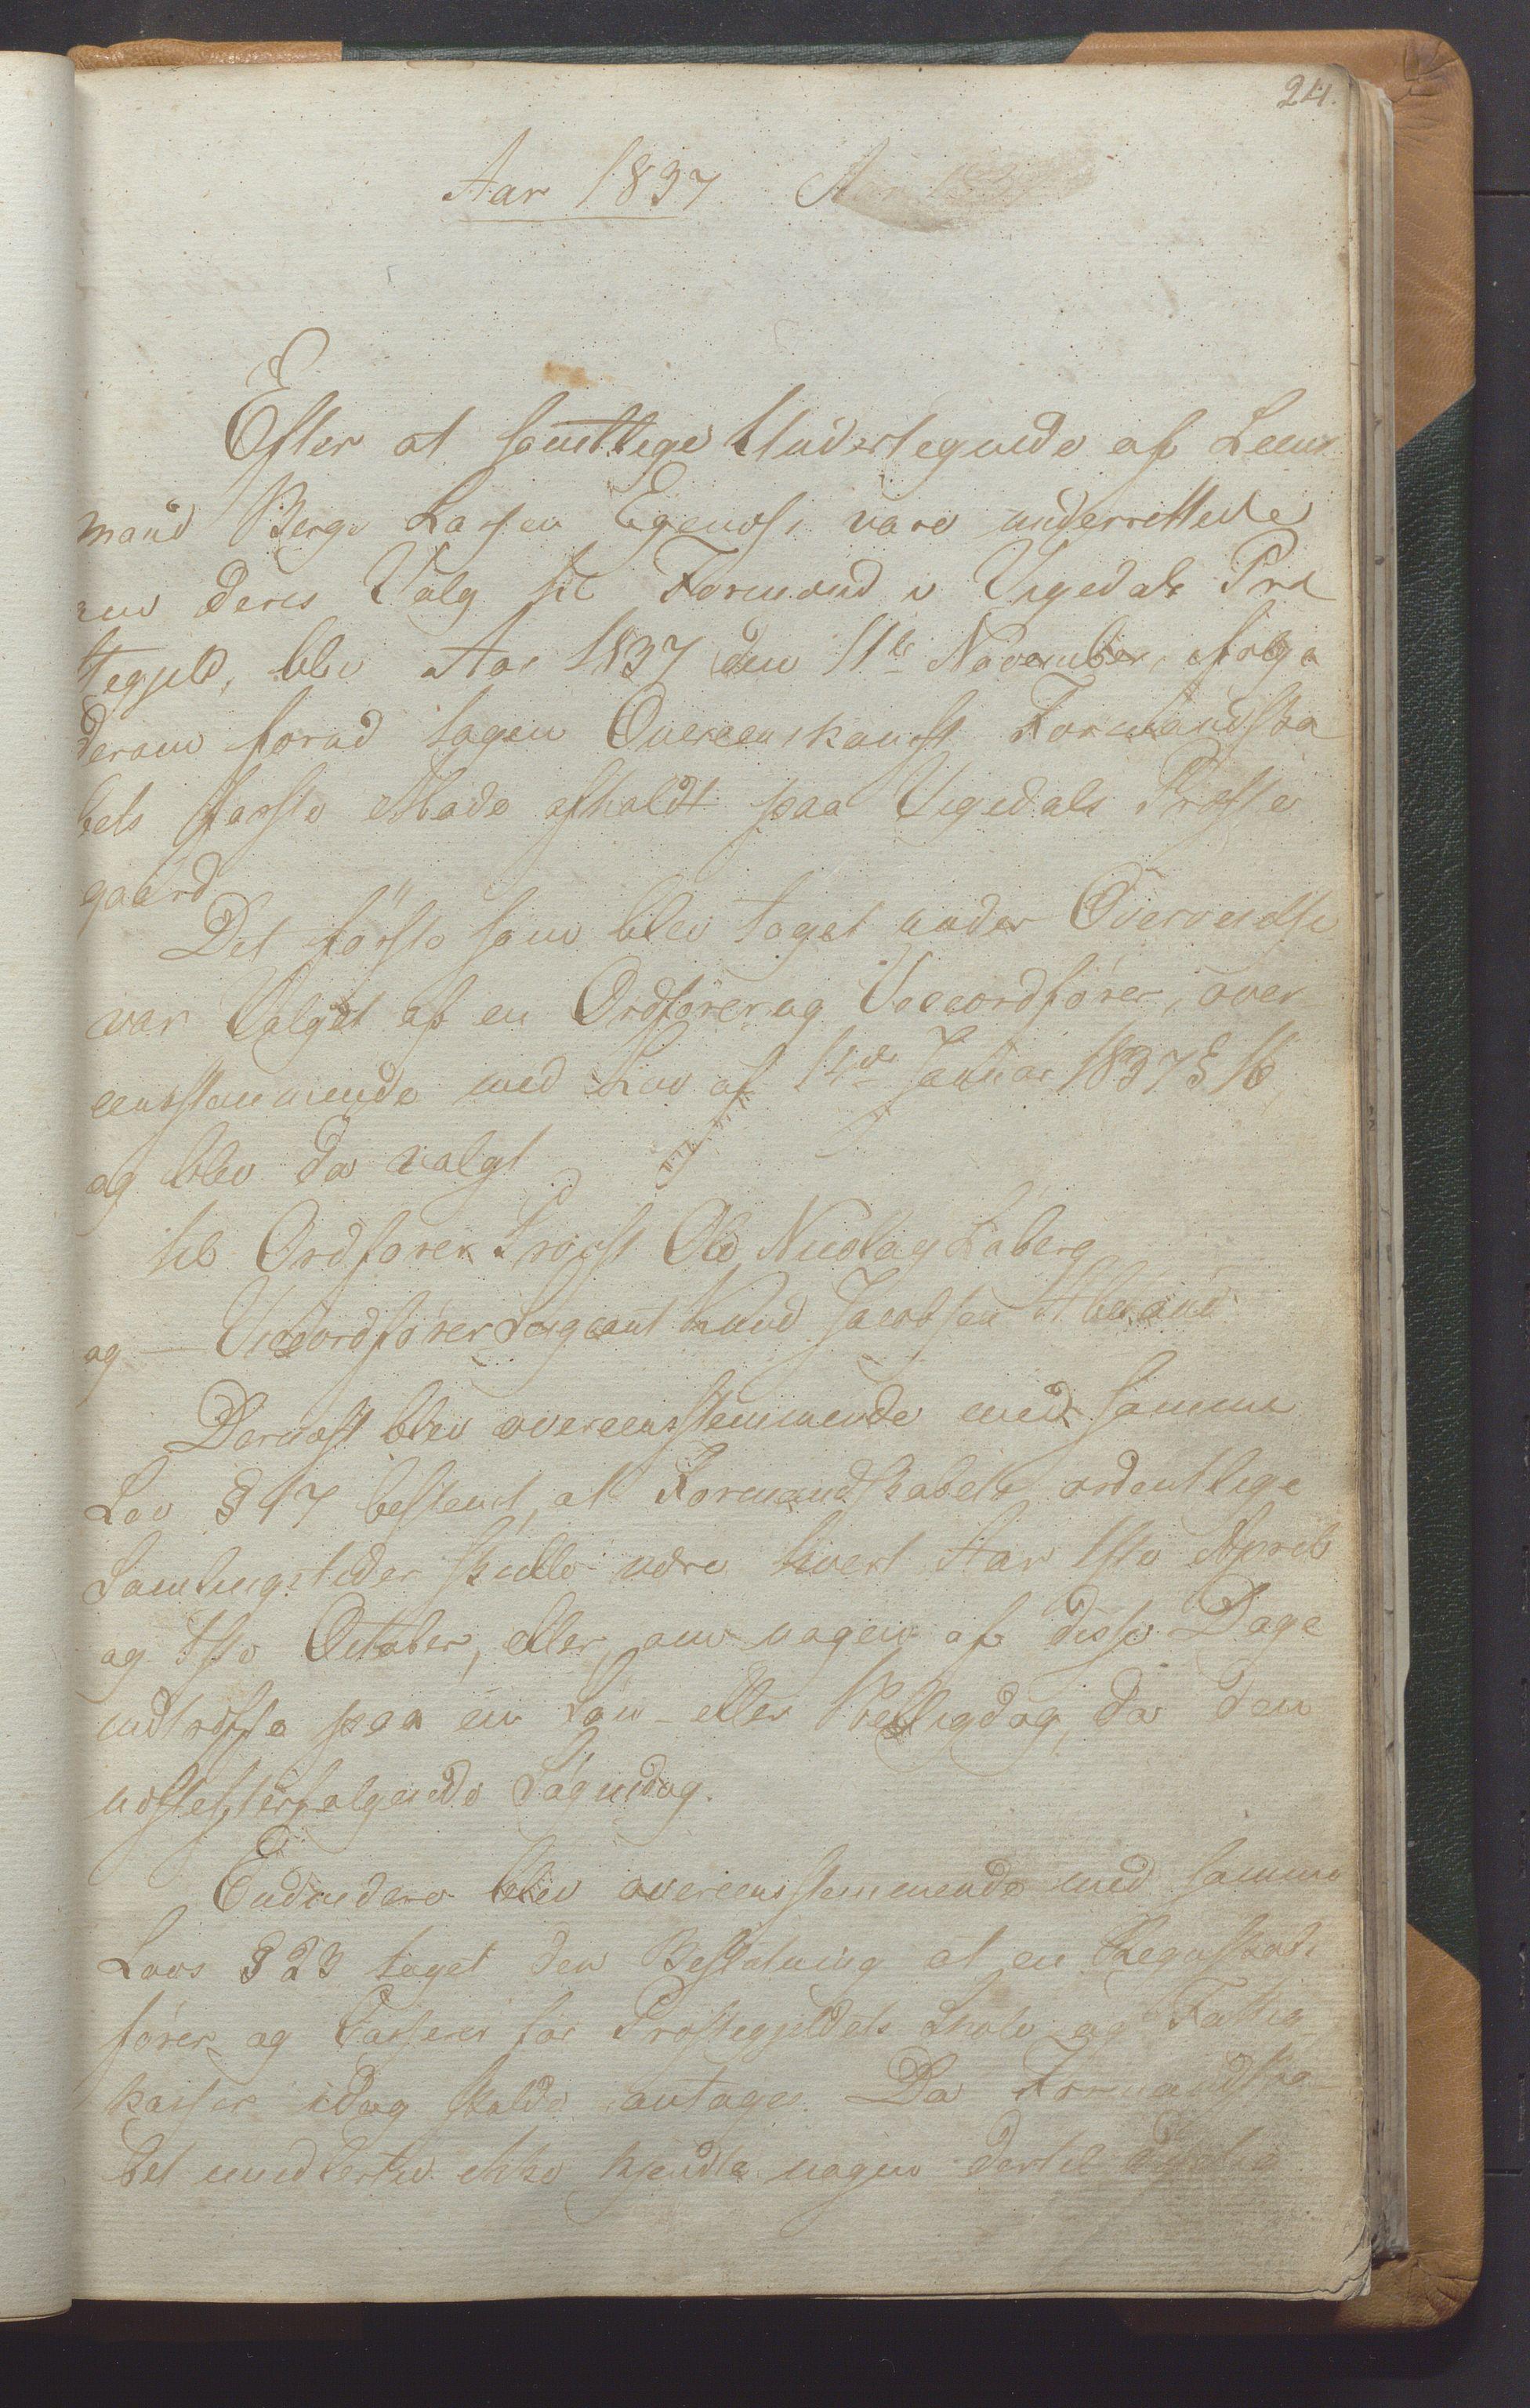 IKAR, Vikedal kommune - Formannskapet, Aaa/L0001: Møtebok, 1837-1874, s. 24a